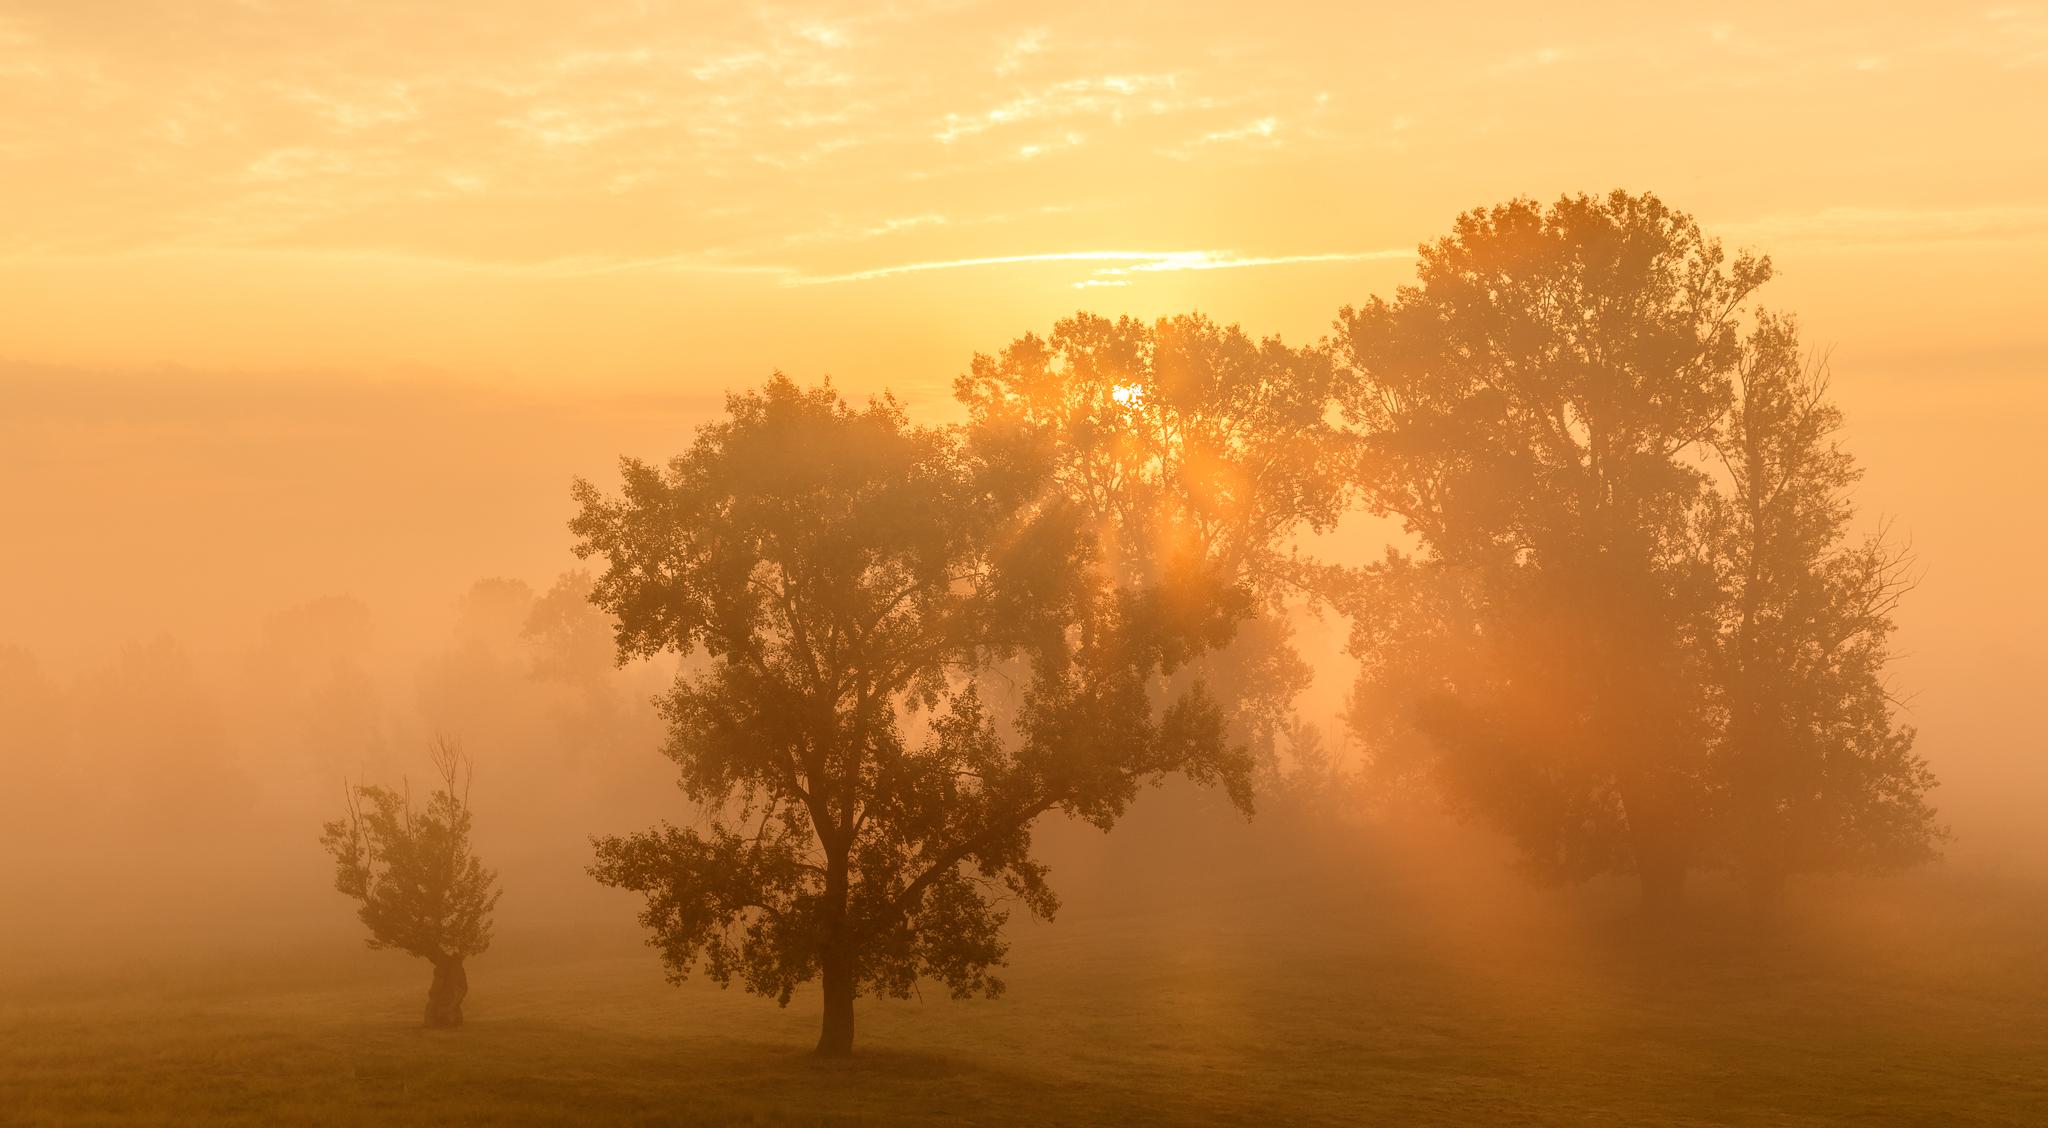 Promienie słoneczne przedzierając się przez liście drzew i poranne mgły tworzą wspaniałe widoki